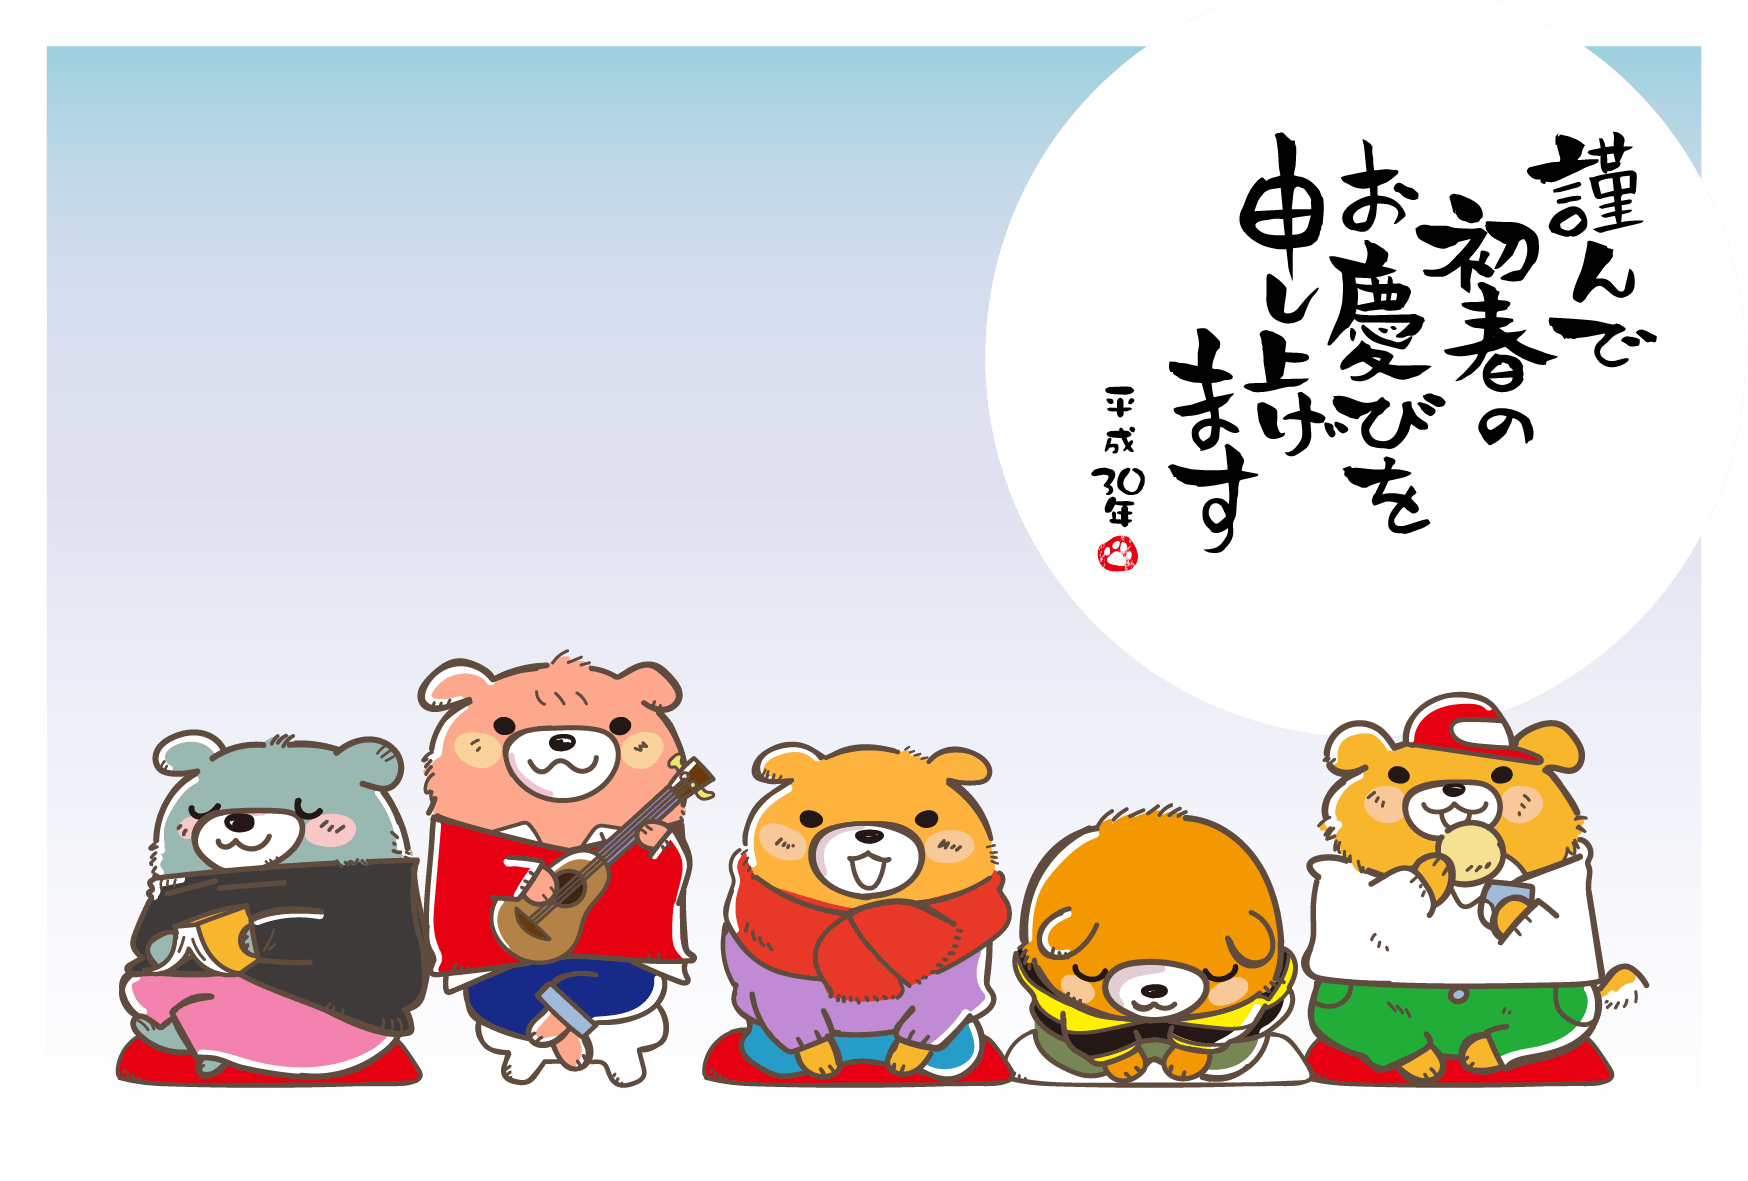 【2018年 新年のごあいさつ】